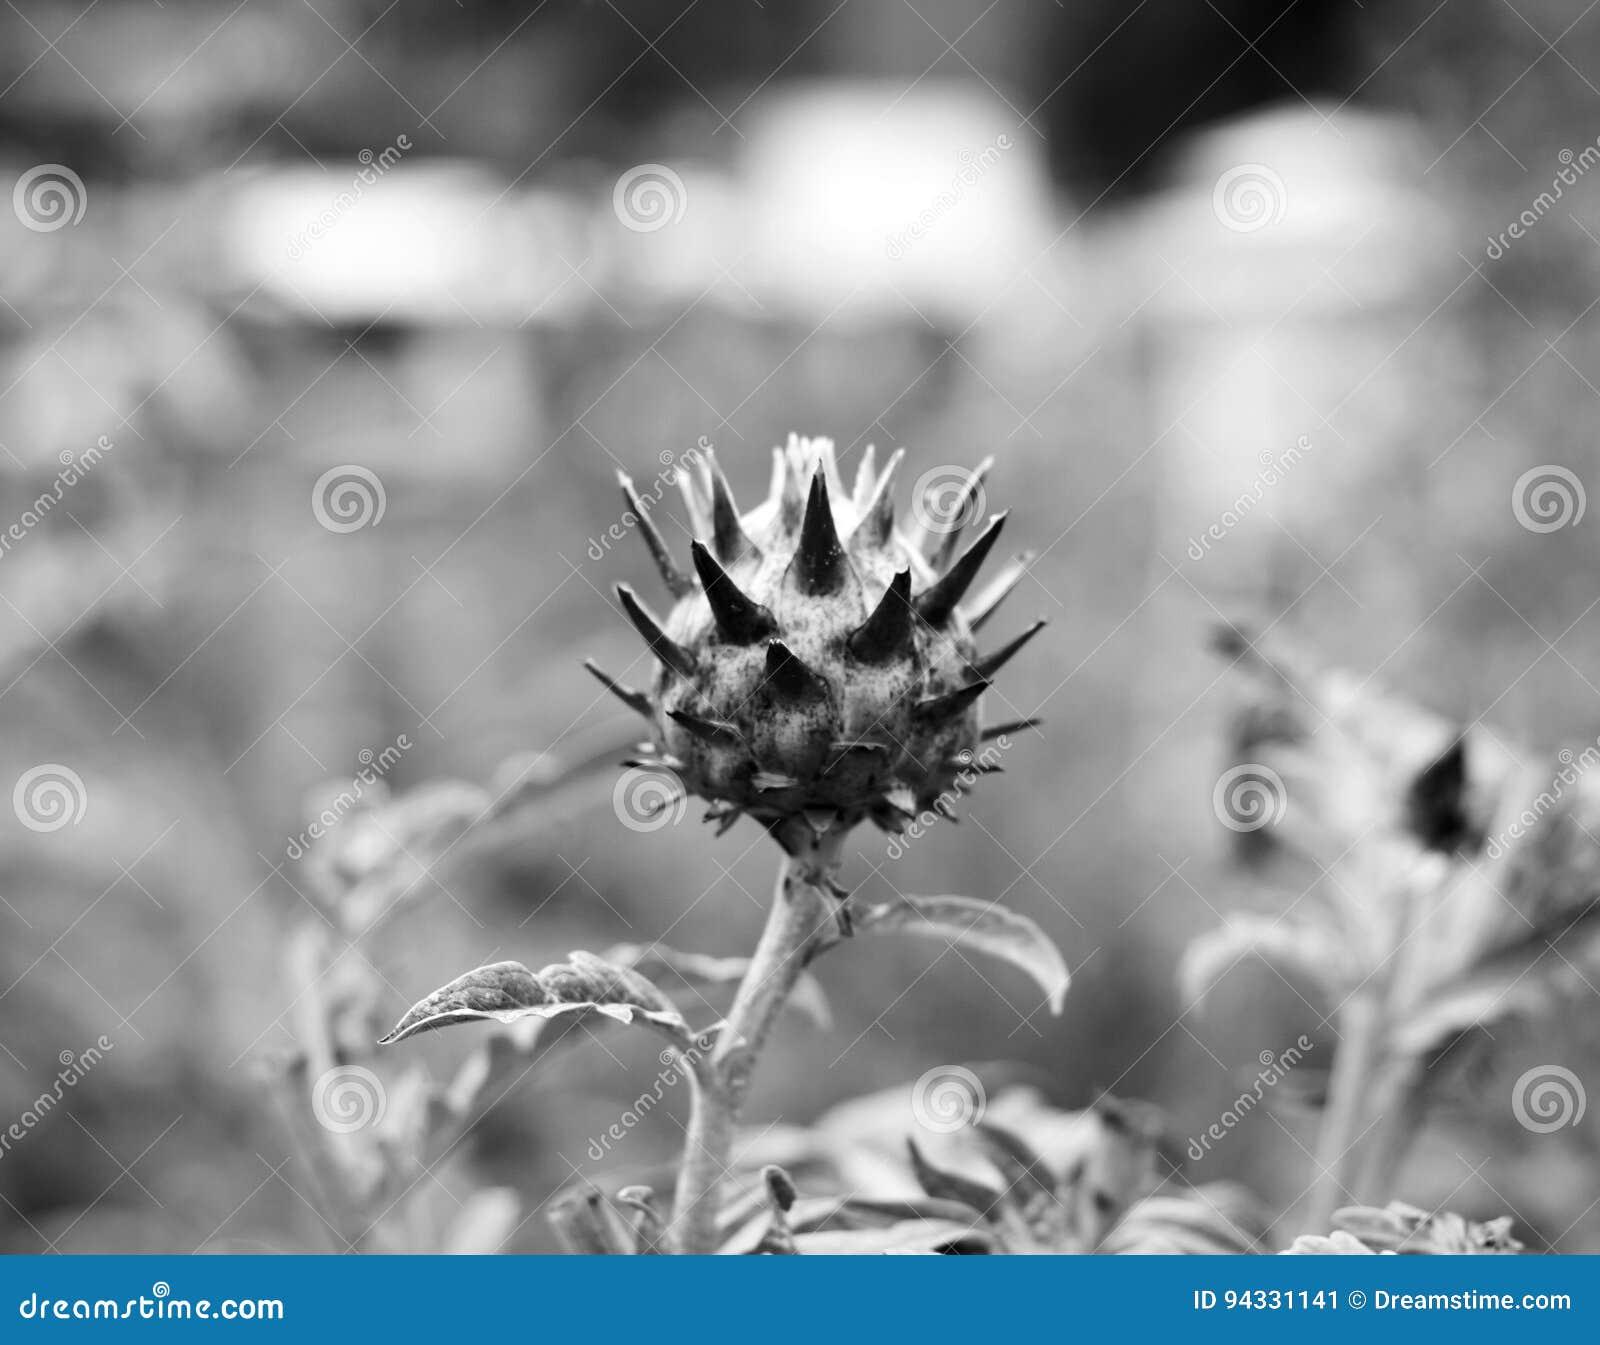 atiso flower stock image image of vietnam flower beacause 94331141